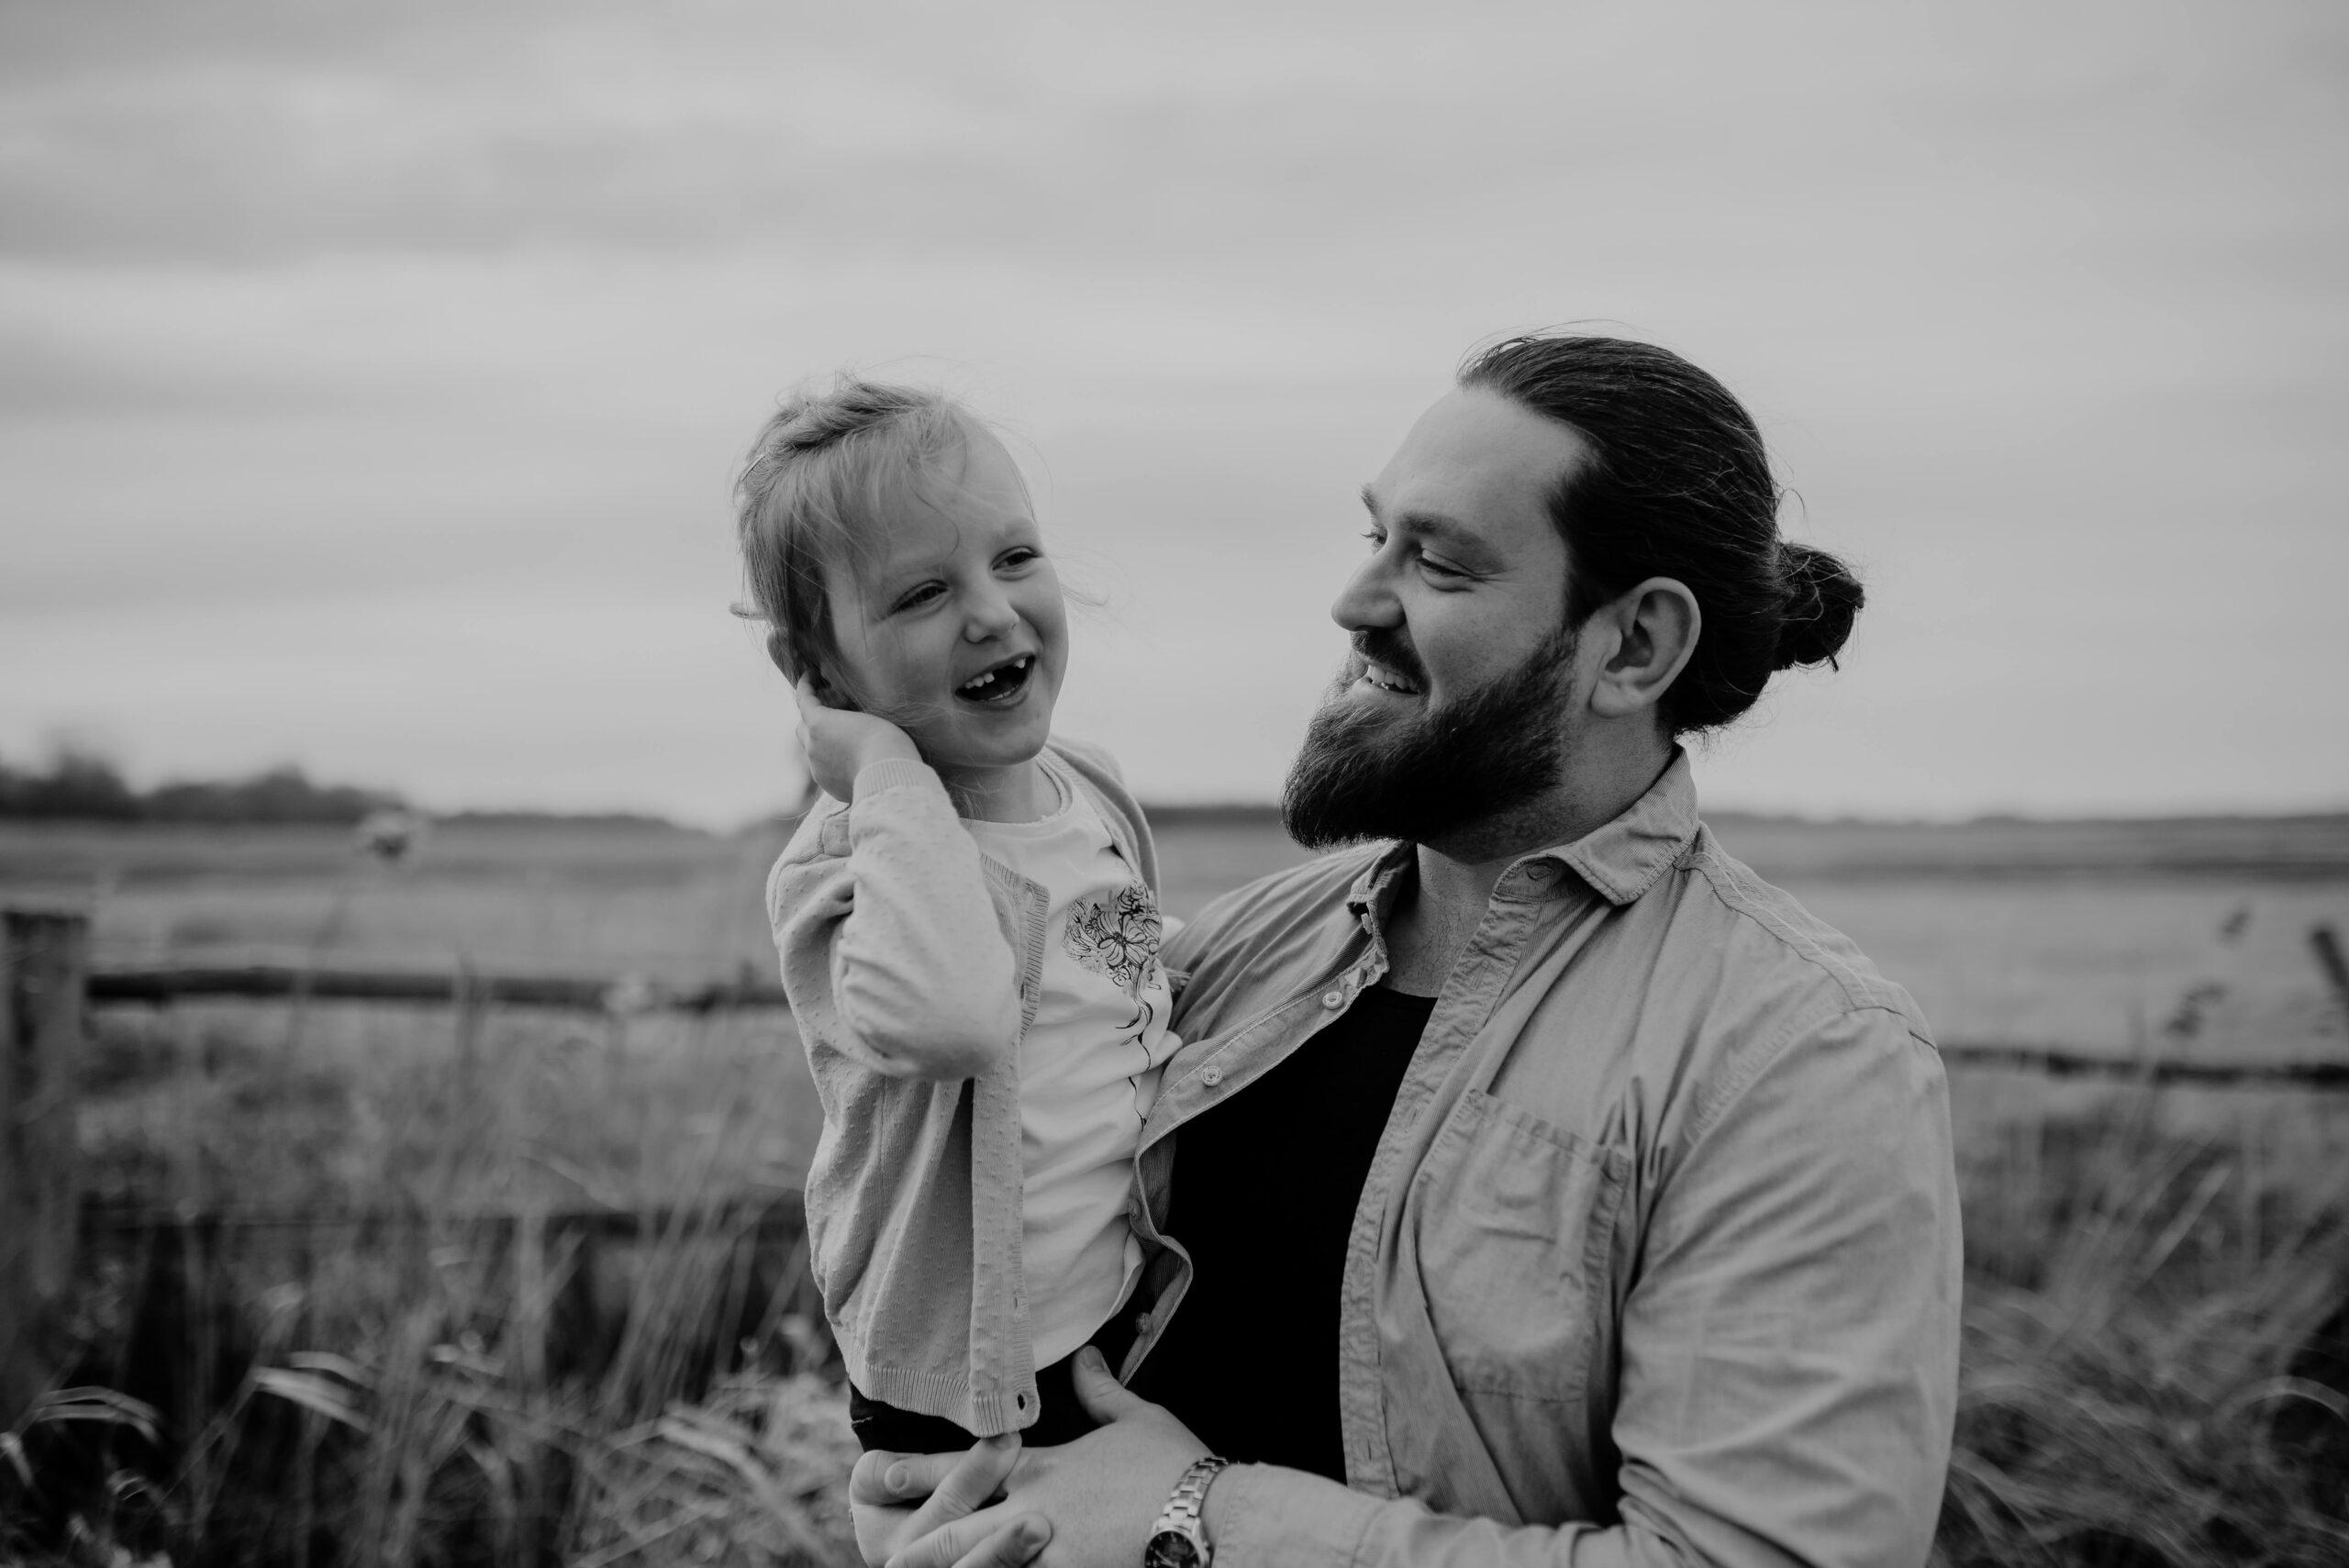 Vater und Tochter lachen in der Natur